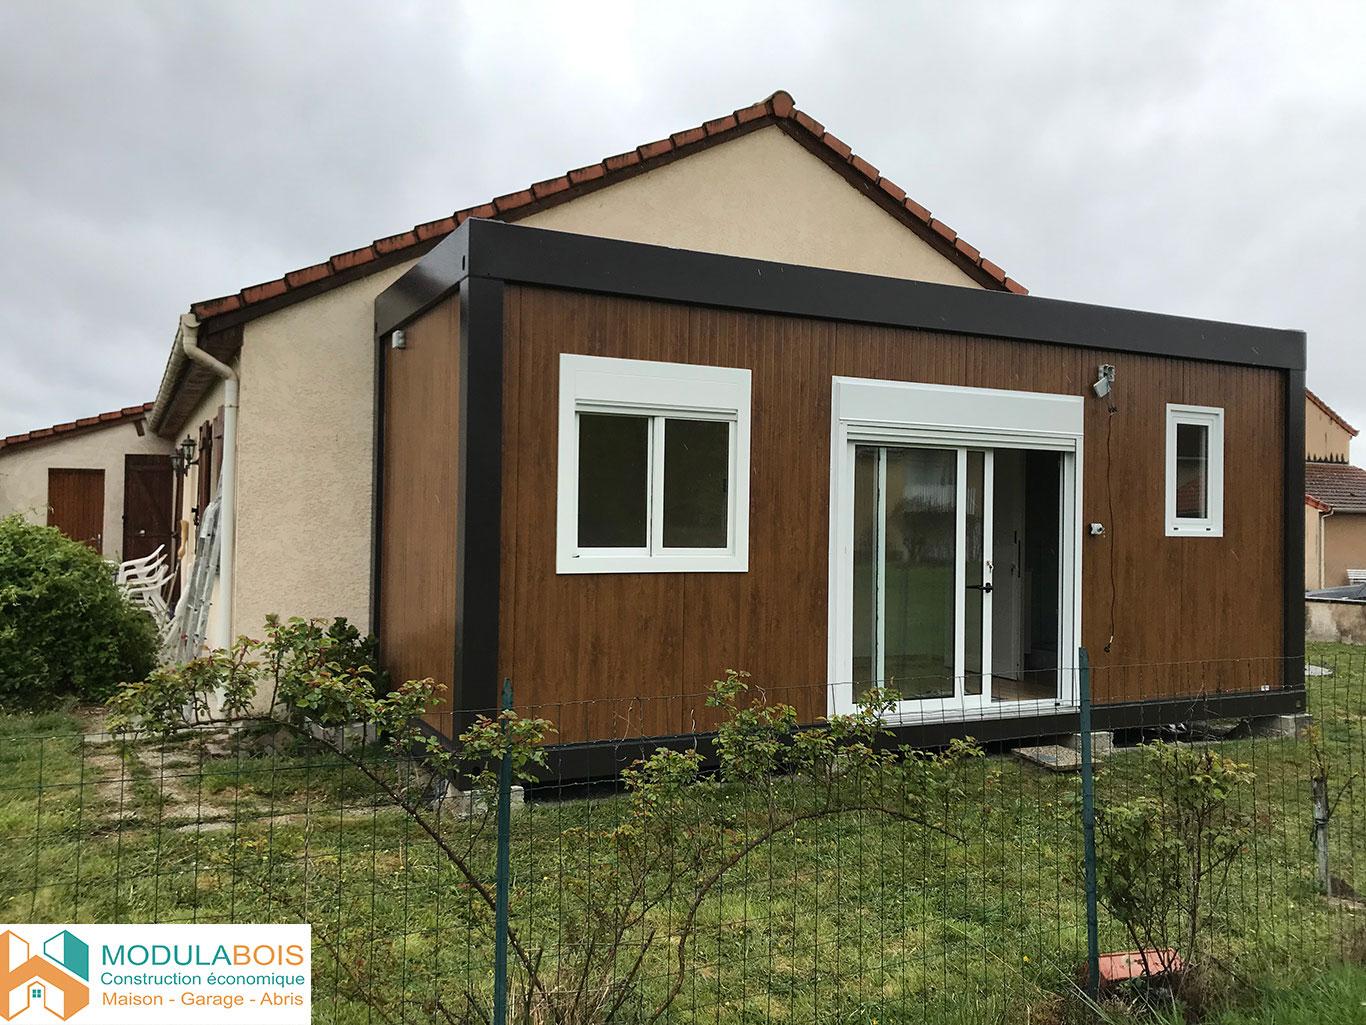 Extension de maison modulaire en bois rectangulaire de 20m² avec 2 fenêtres et une baie vitrée